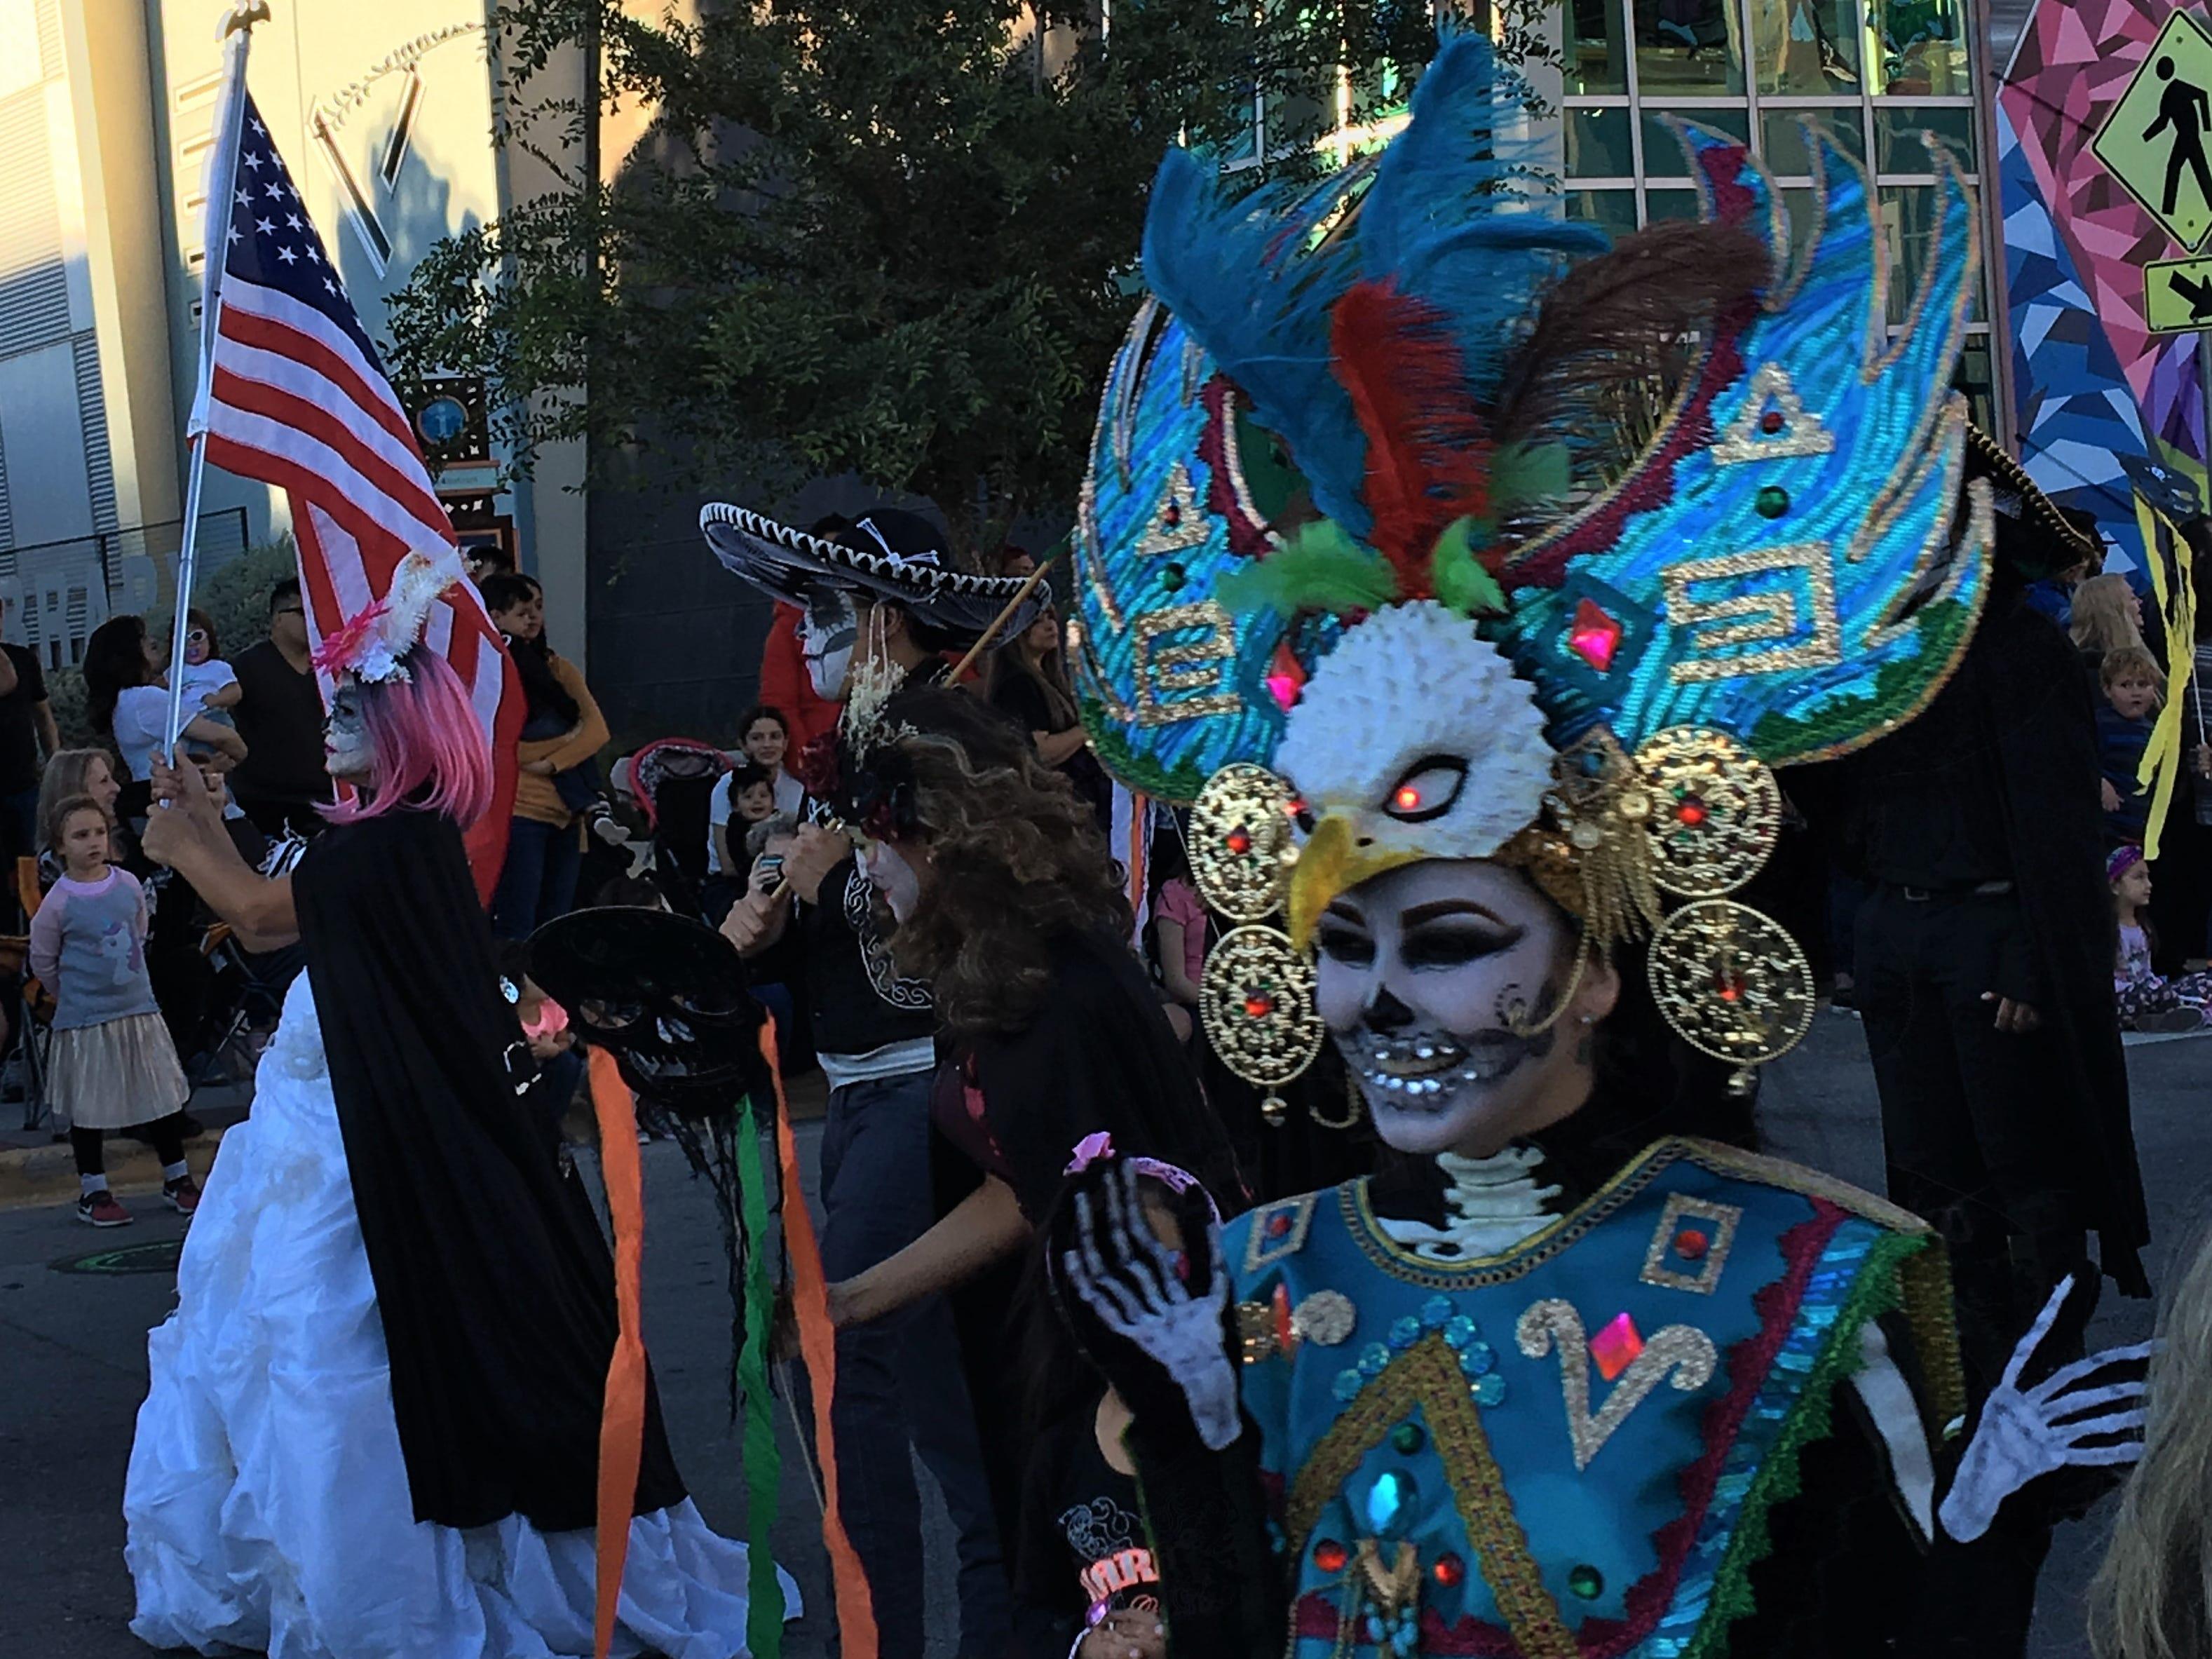 Colorful costumes were part of Dia de los Muertos 2018 festivities in Downtown El Paso.